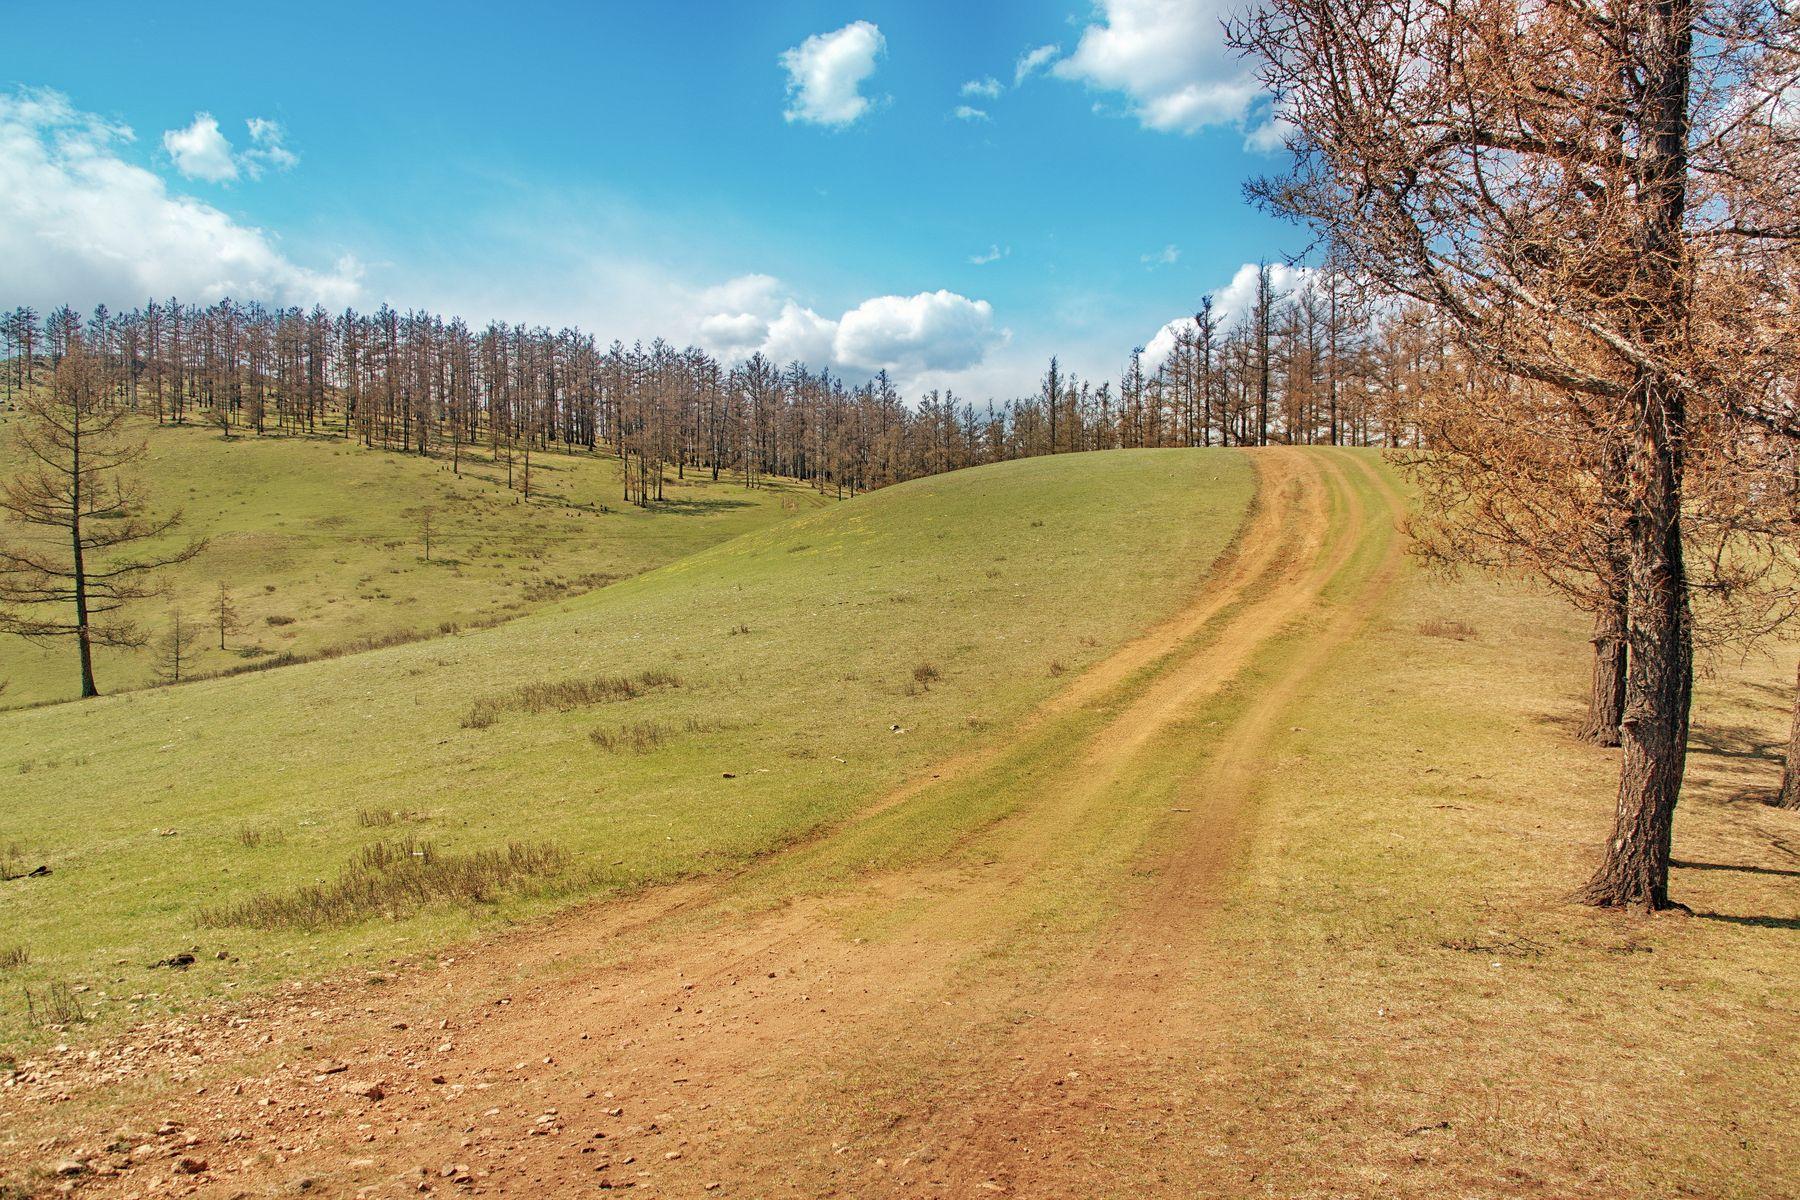 Дорога в сопках трава сопки пейзаж дорога деревья весна